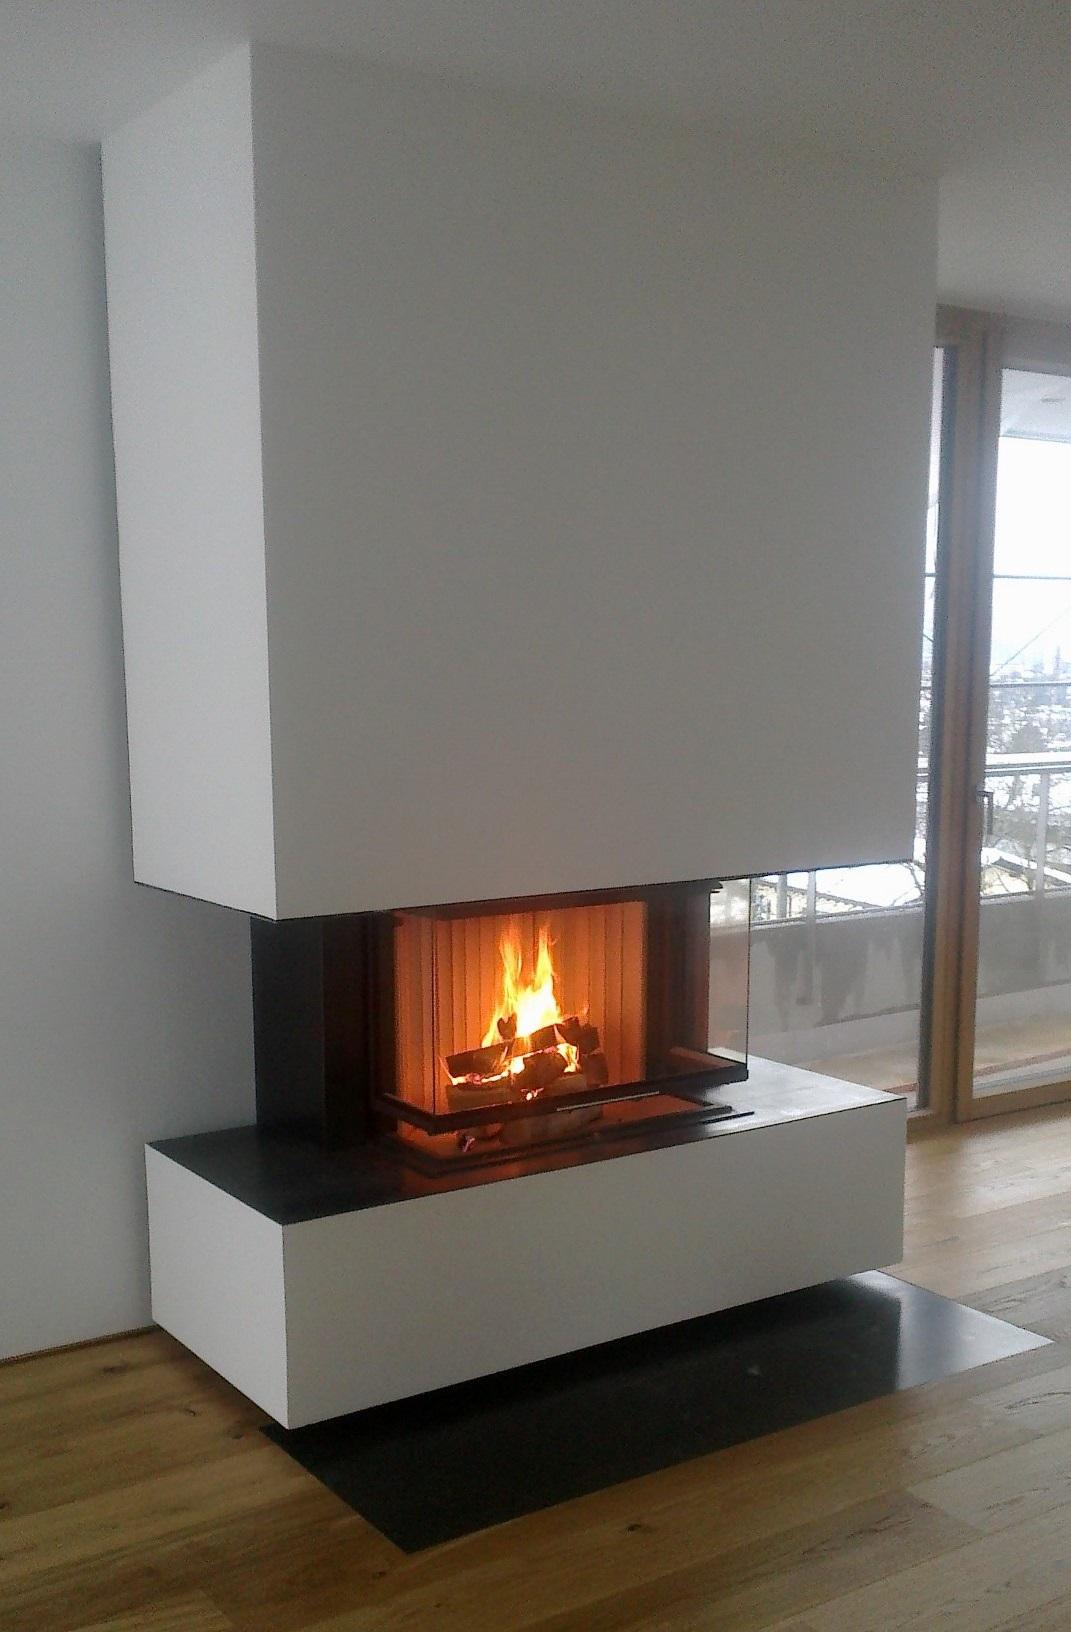 offenen kamin umbauen offenen kamin zur heizanlage umbauen binnen einer stunde offener kamin. Black Bedroom Furniture Sets. Home Design Ideas